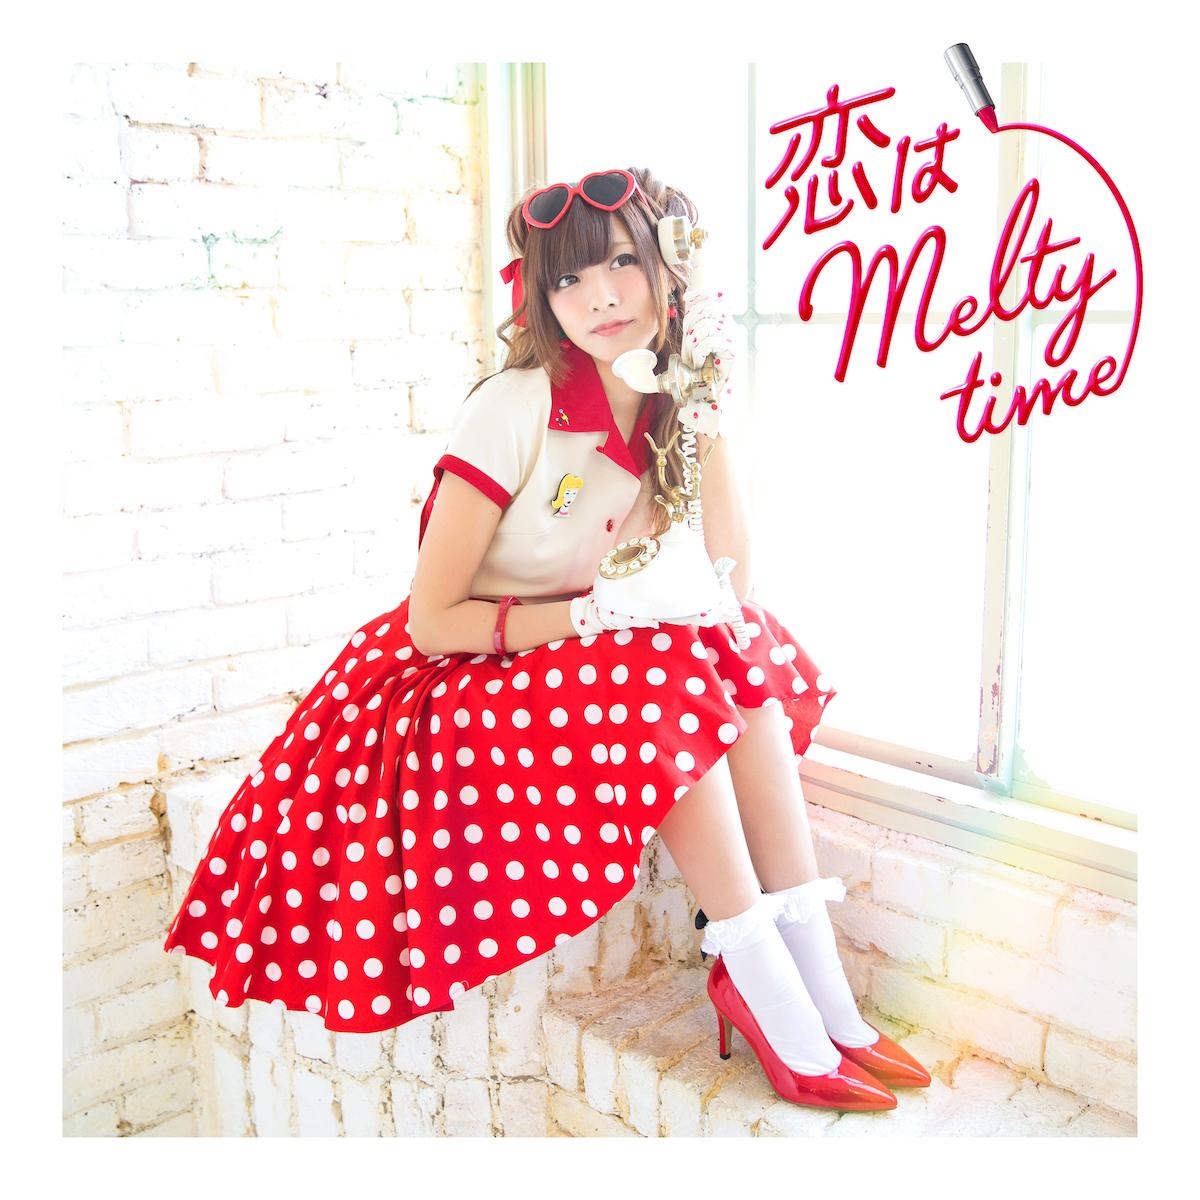 望月みゆ「恋はMelty time」